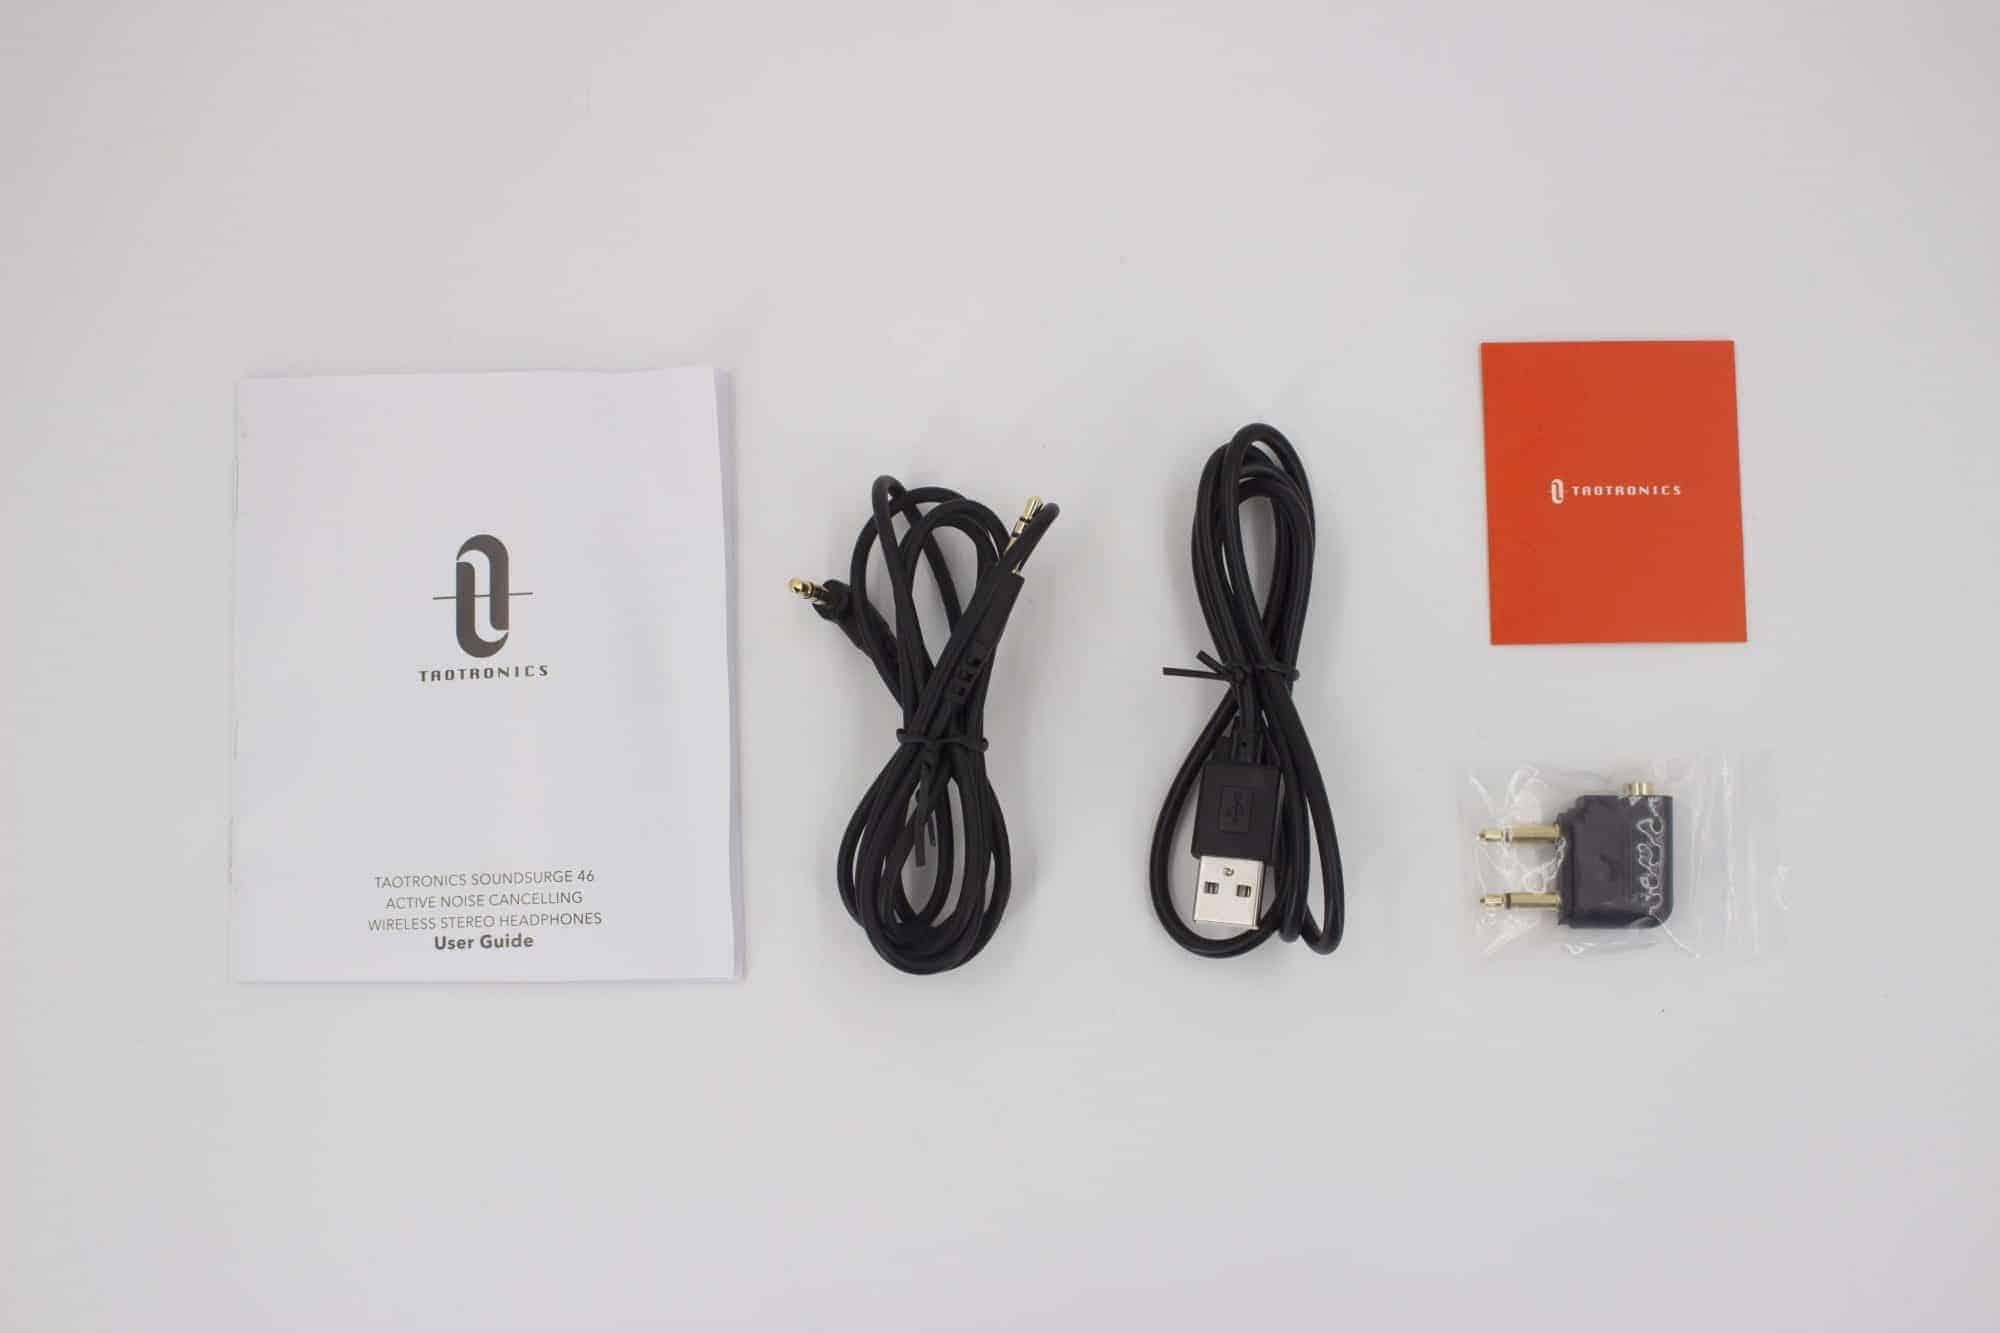 TaoTronics TT-BH046(SoundSurge 46)藍牙降噪耳機推薦 配件